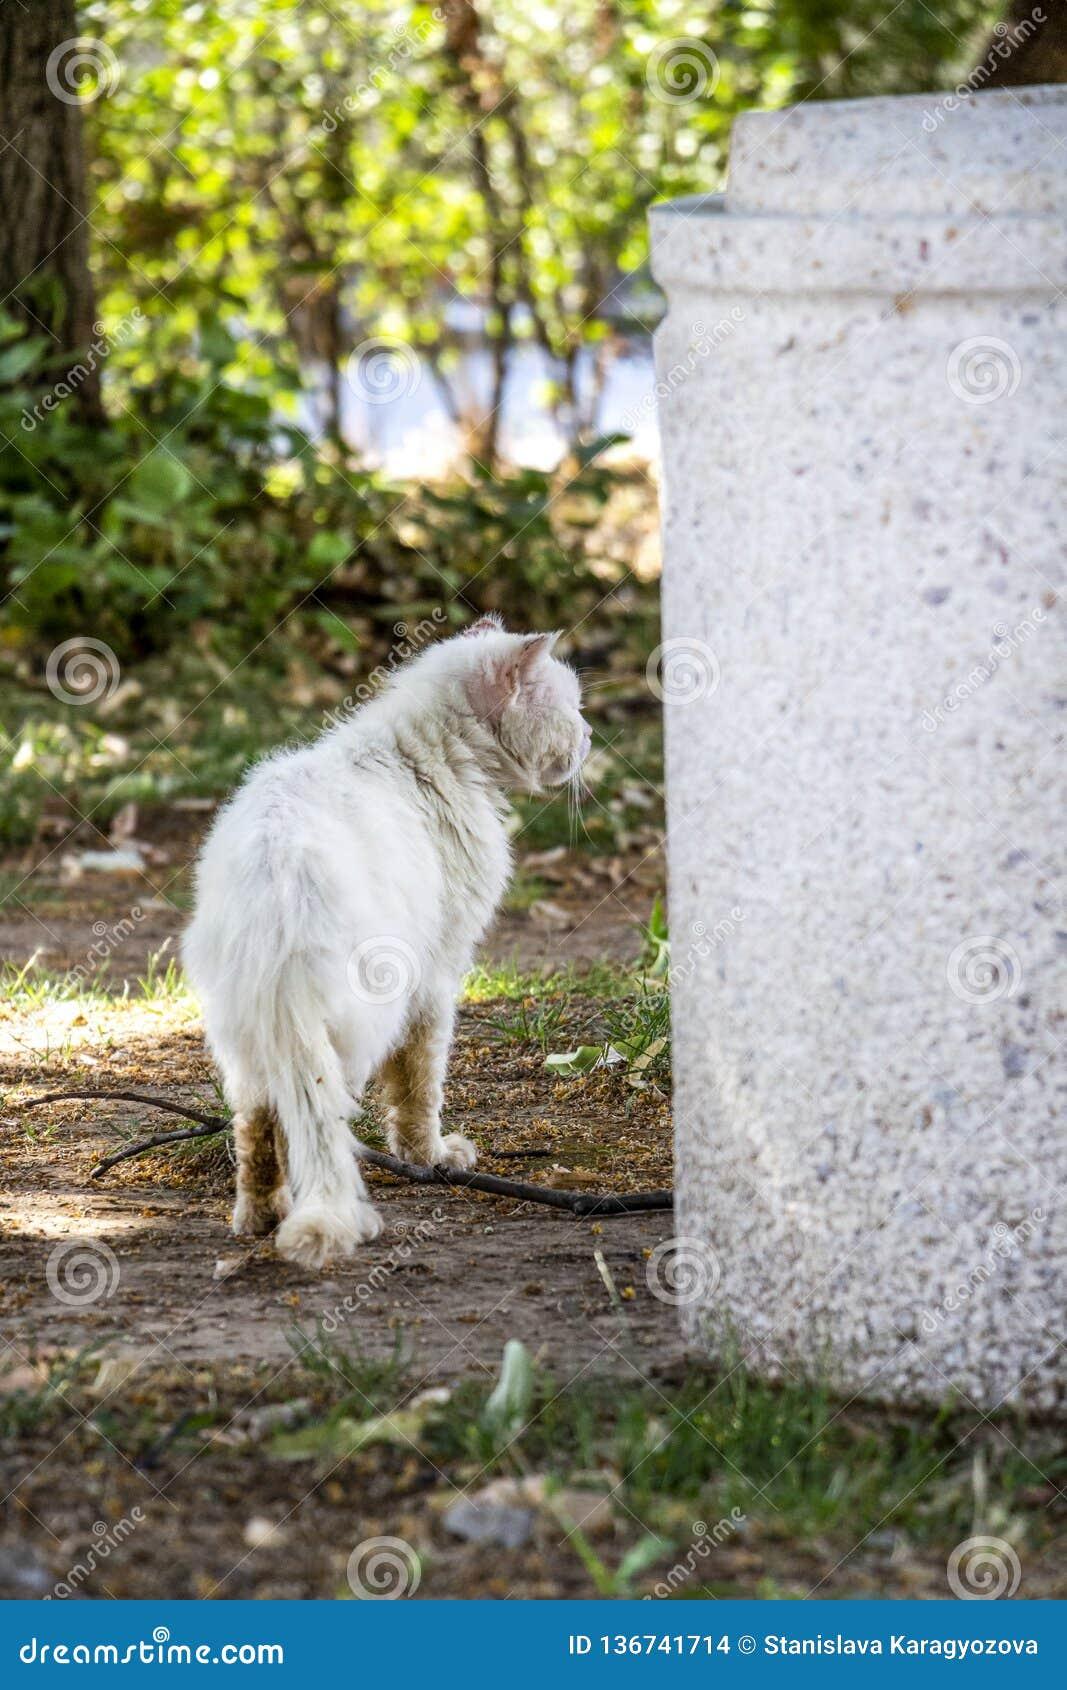 Tylni widok bezpański raniący i chory biały długowłosy tomcat obok betonowego ulicznego kubła na śmieci